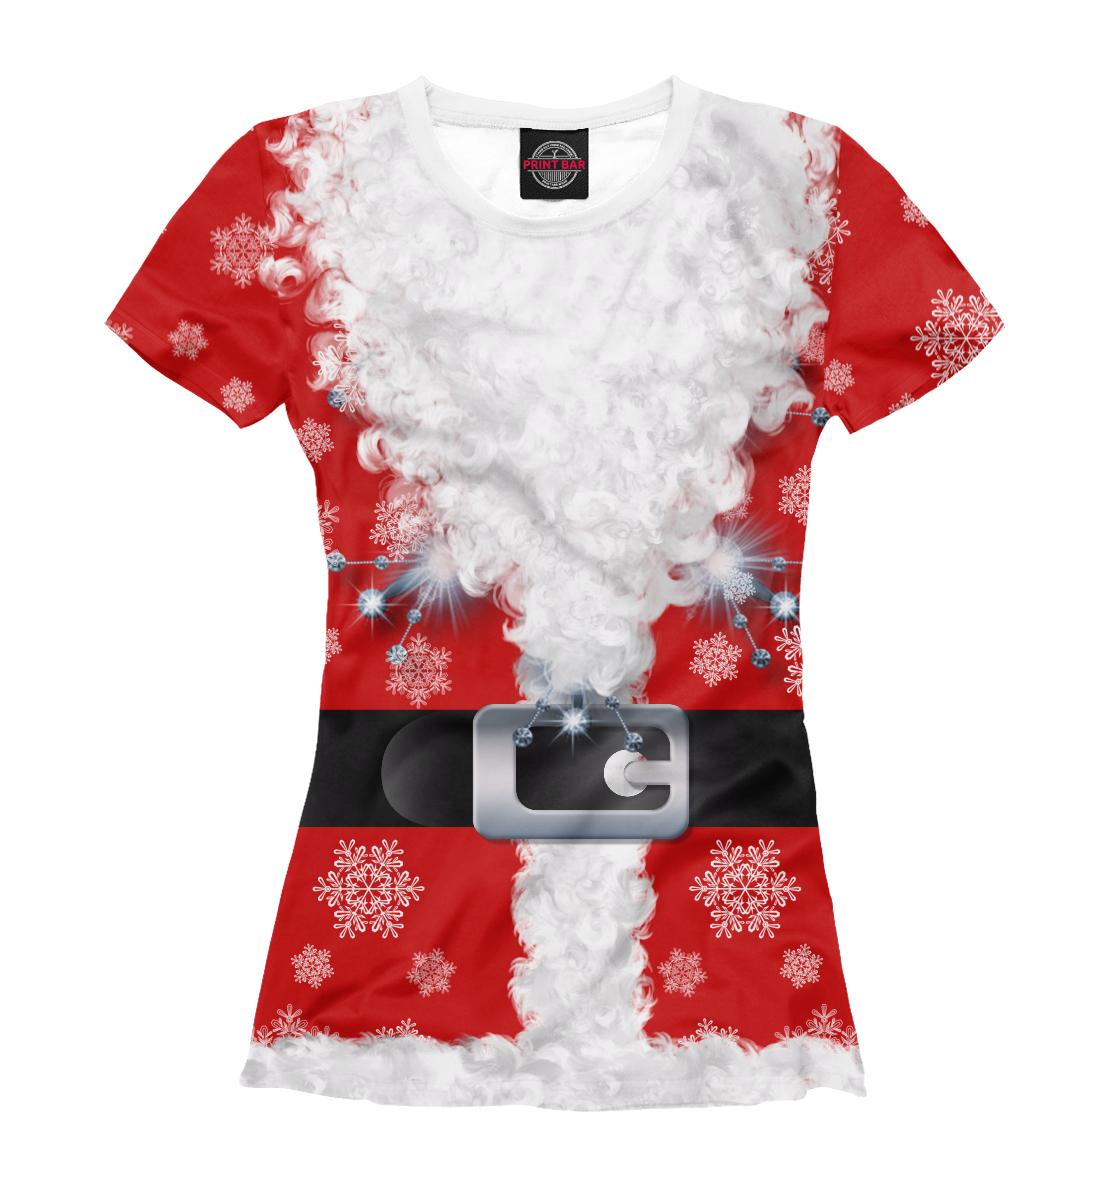 Купить Дед мороз, Printbar, Футболки, CST-773312-fut-1